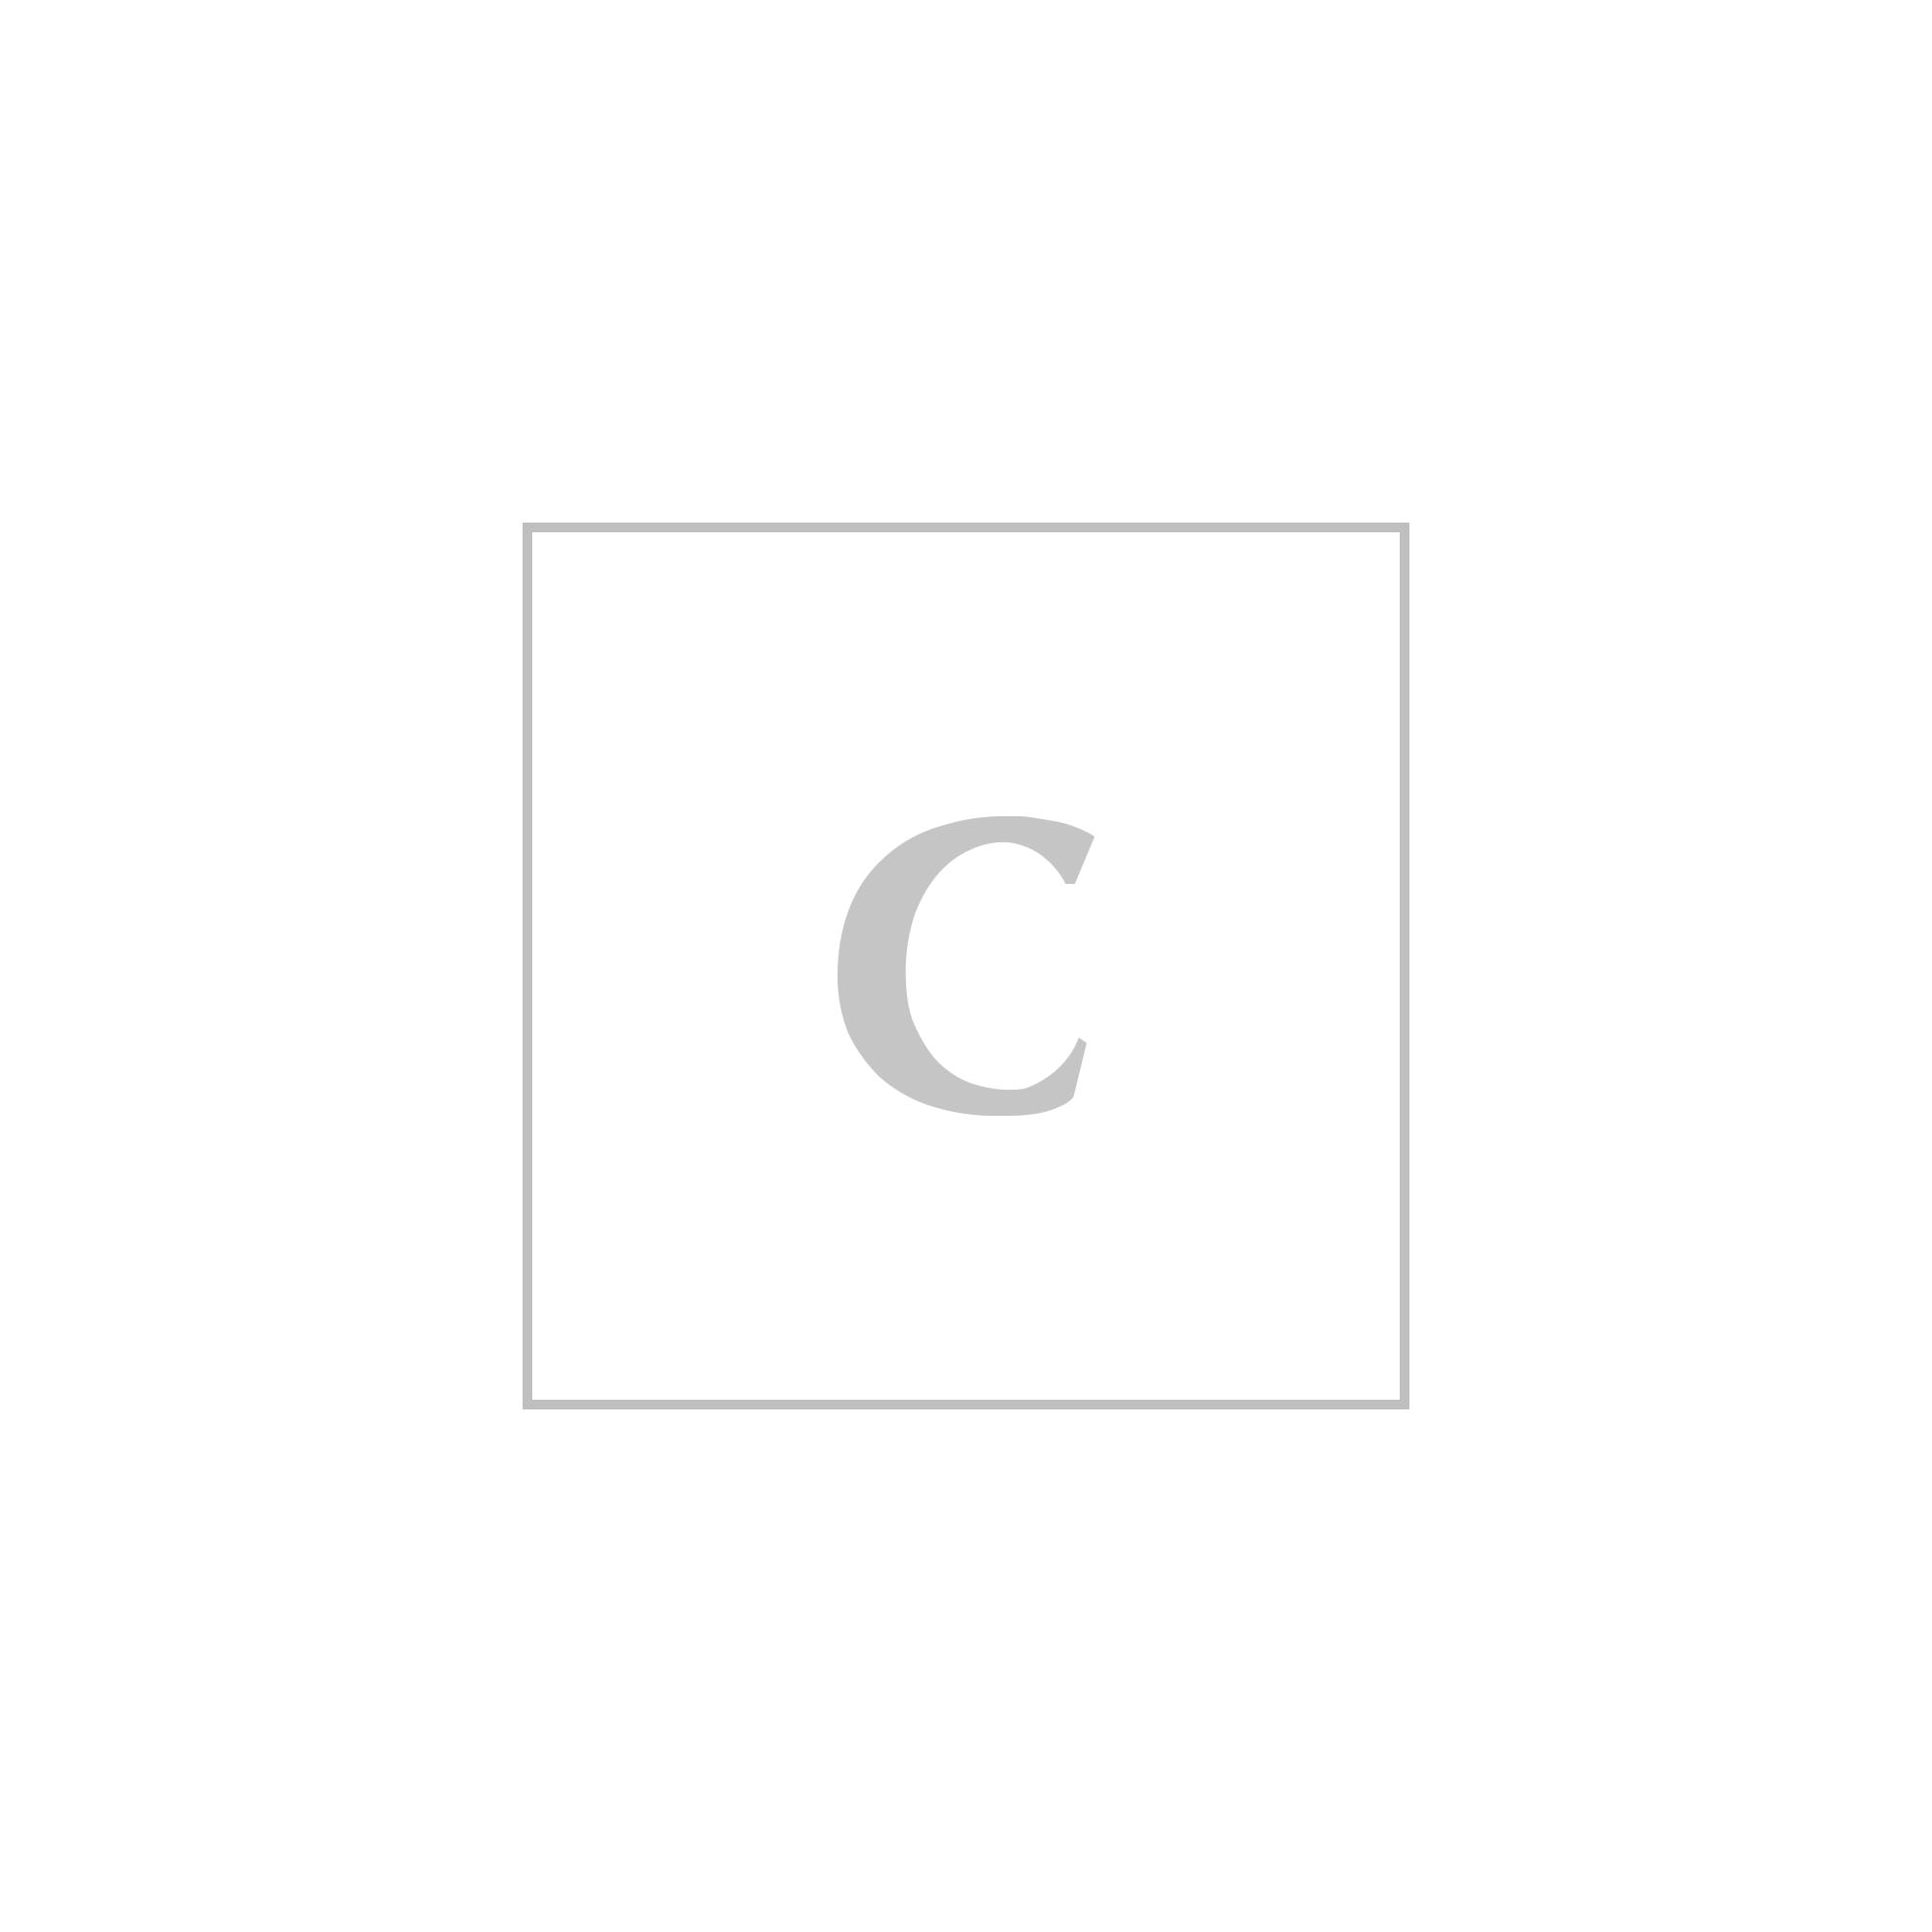 c3280bcdcf6b Wallets Fendi for Donna Colori Misti